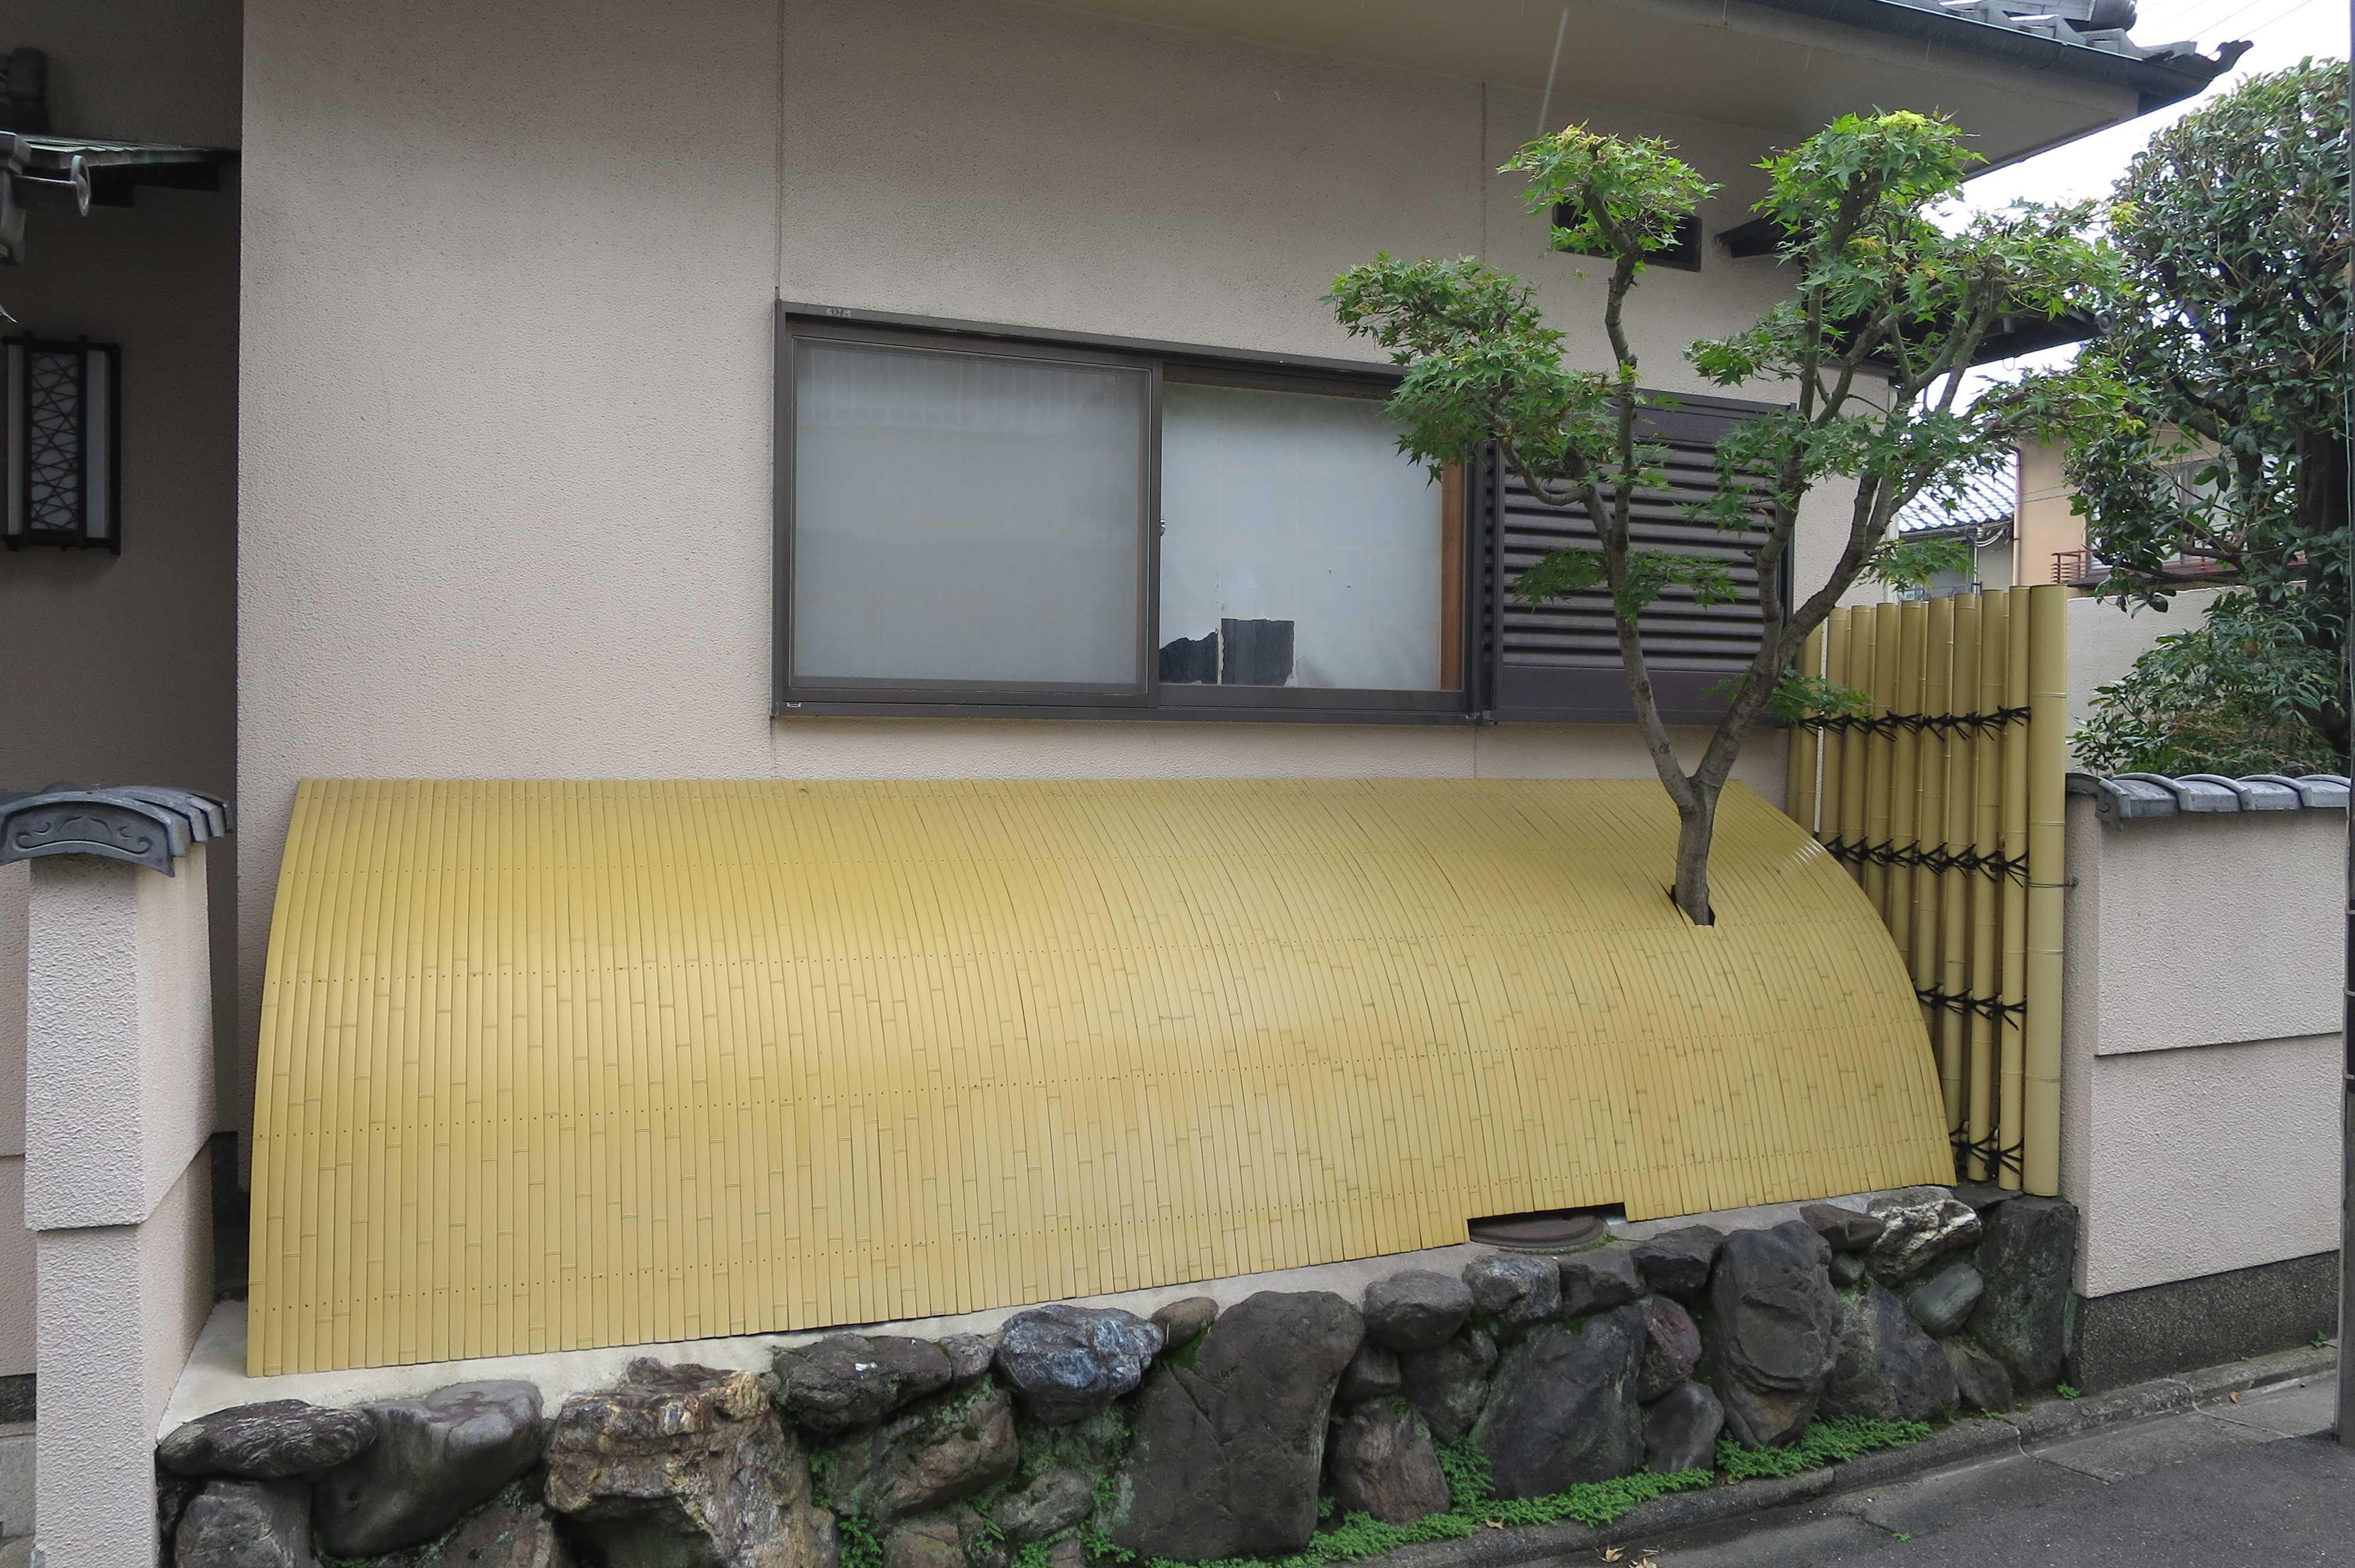 京都 - 犬矢来から突き抜ける庭木